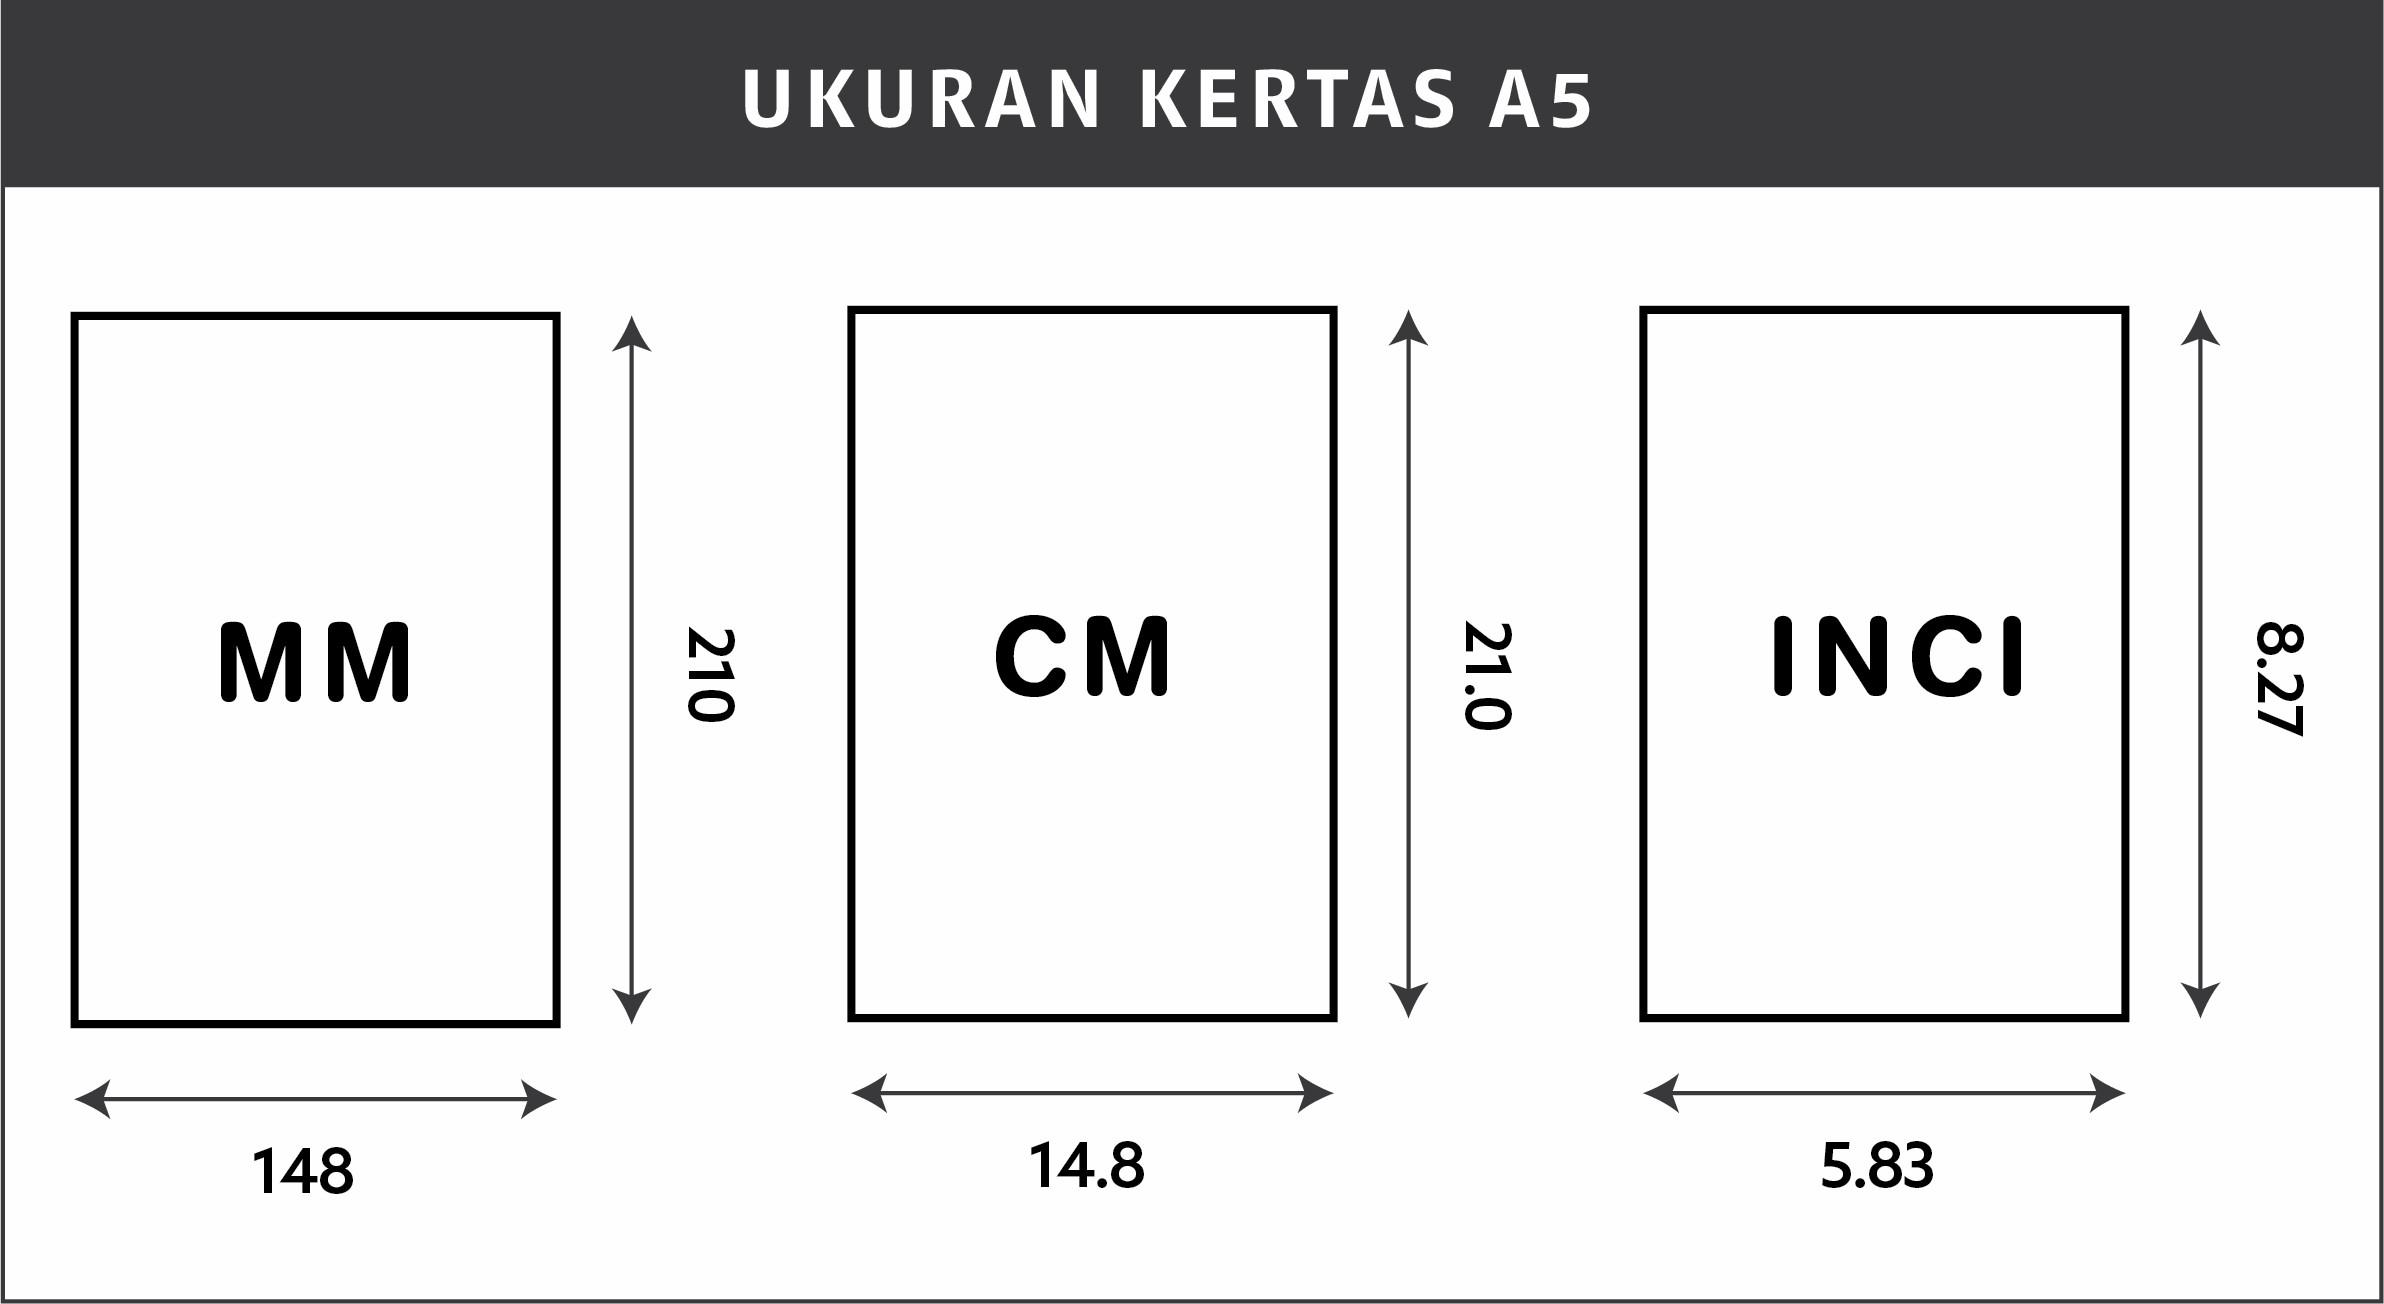 Ukuran kertas A5 dalam cm, mm, dan pixel